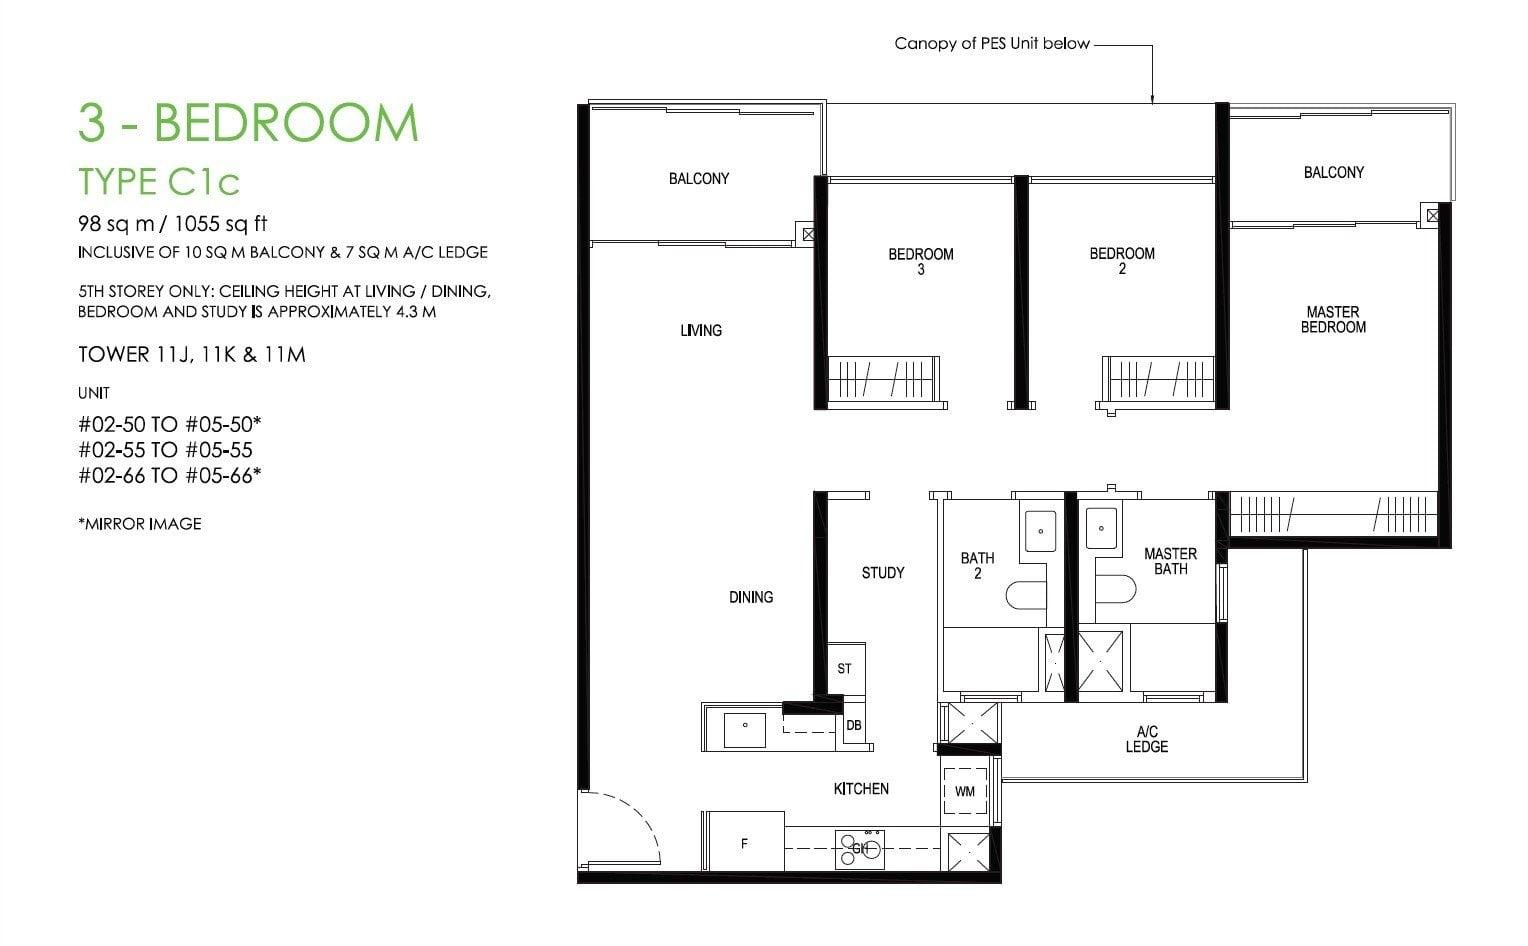 daintree-condo-floor plan 3BR +S